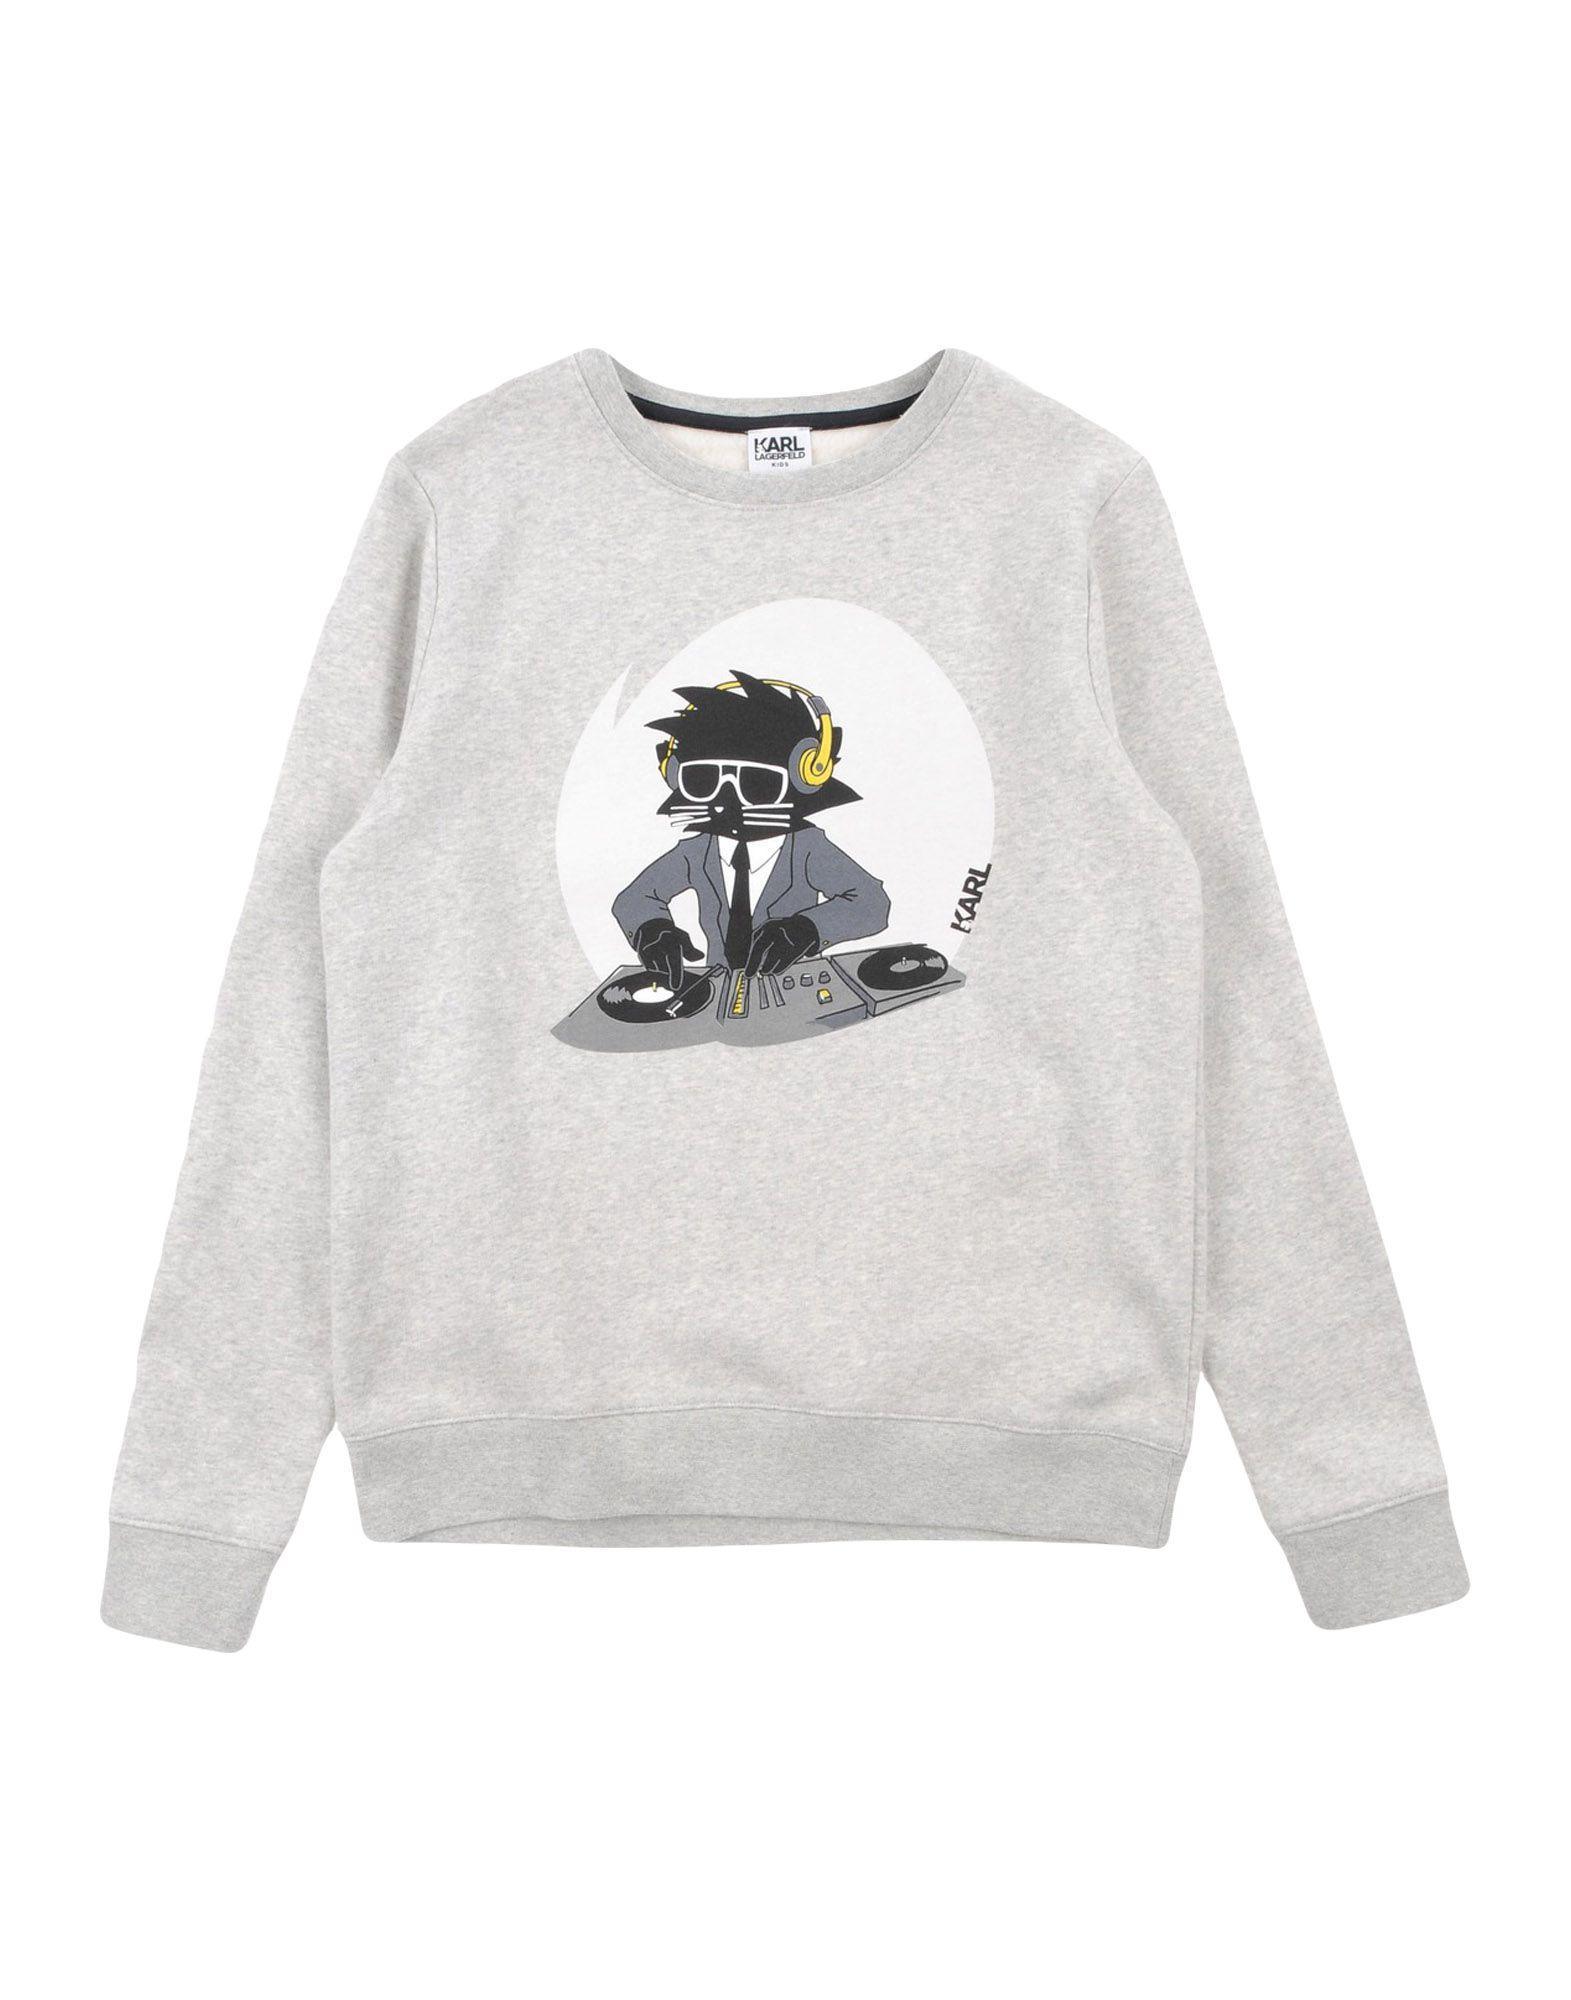 Sweatshirt In Light Grey